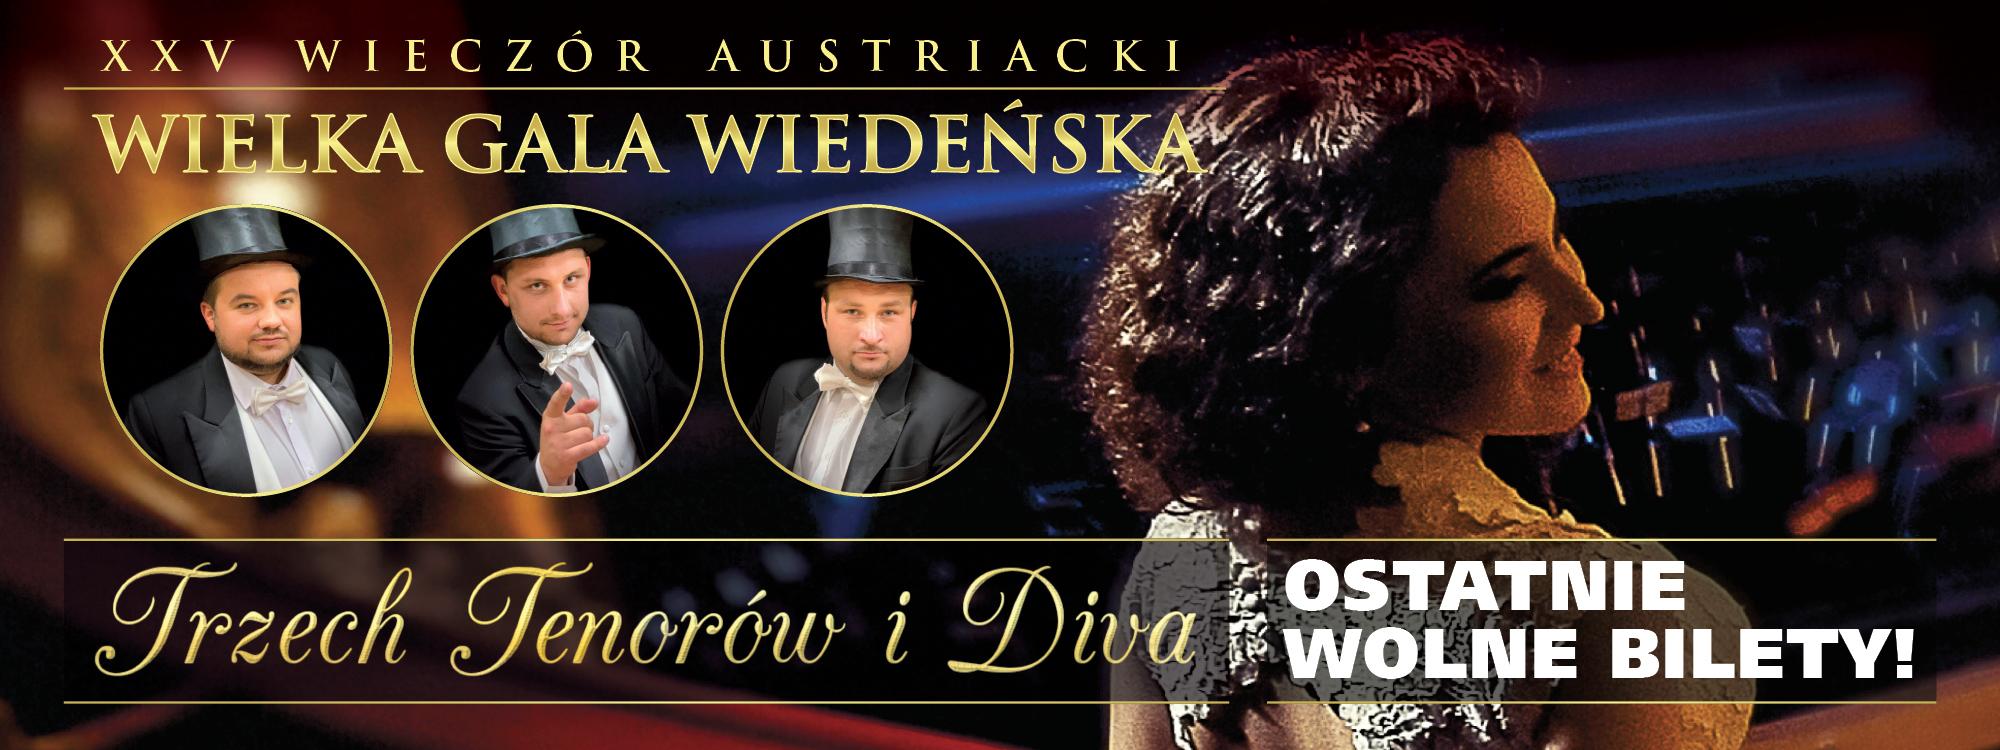 Ostatnie bilety na Wielką Galę Wiedeńską w MDK!